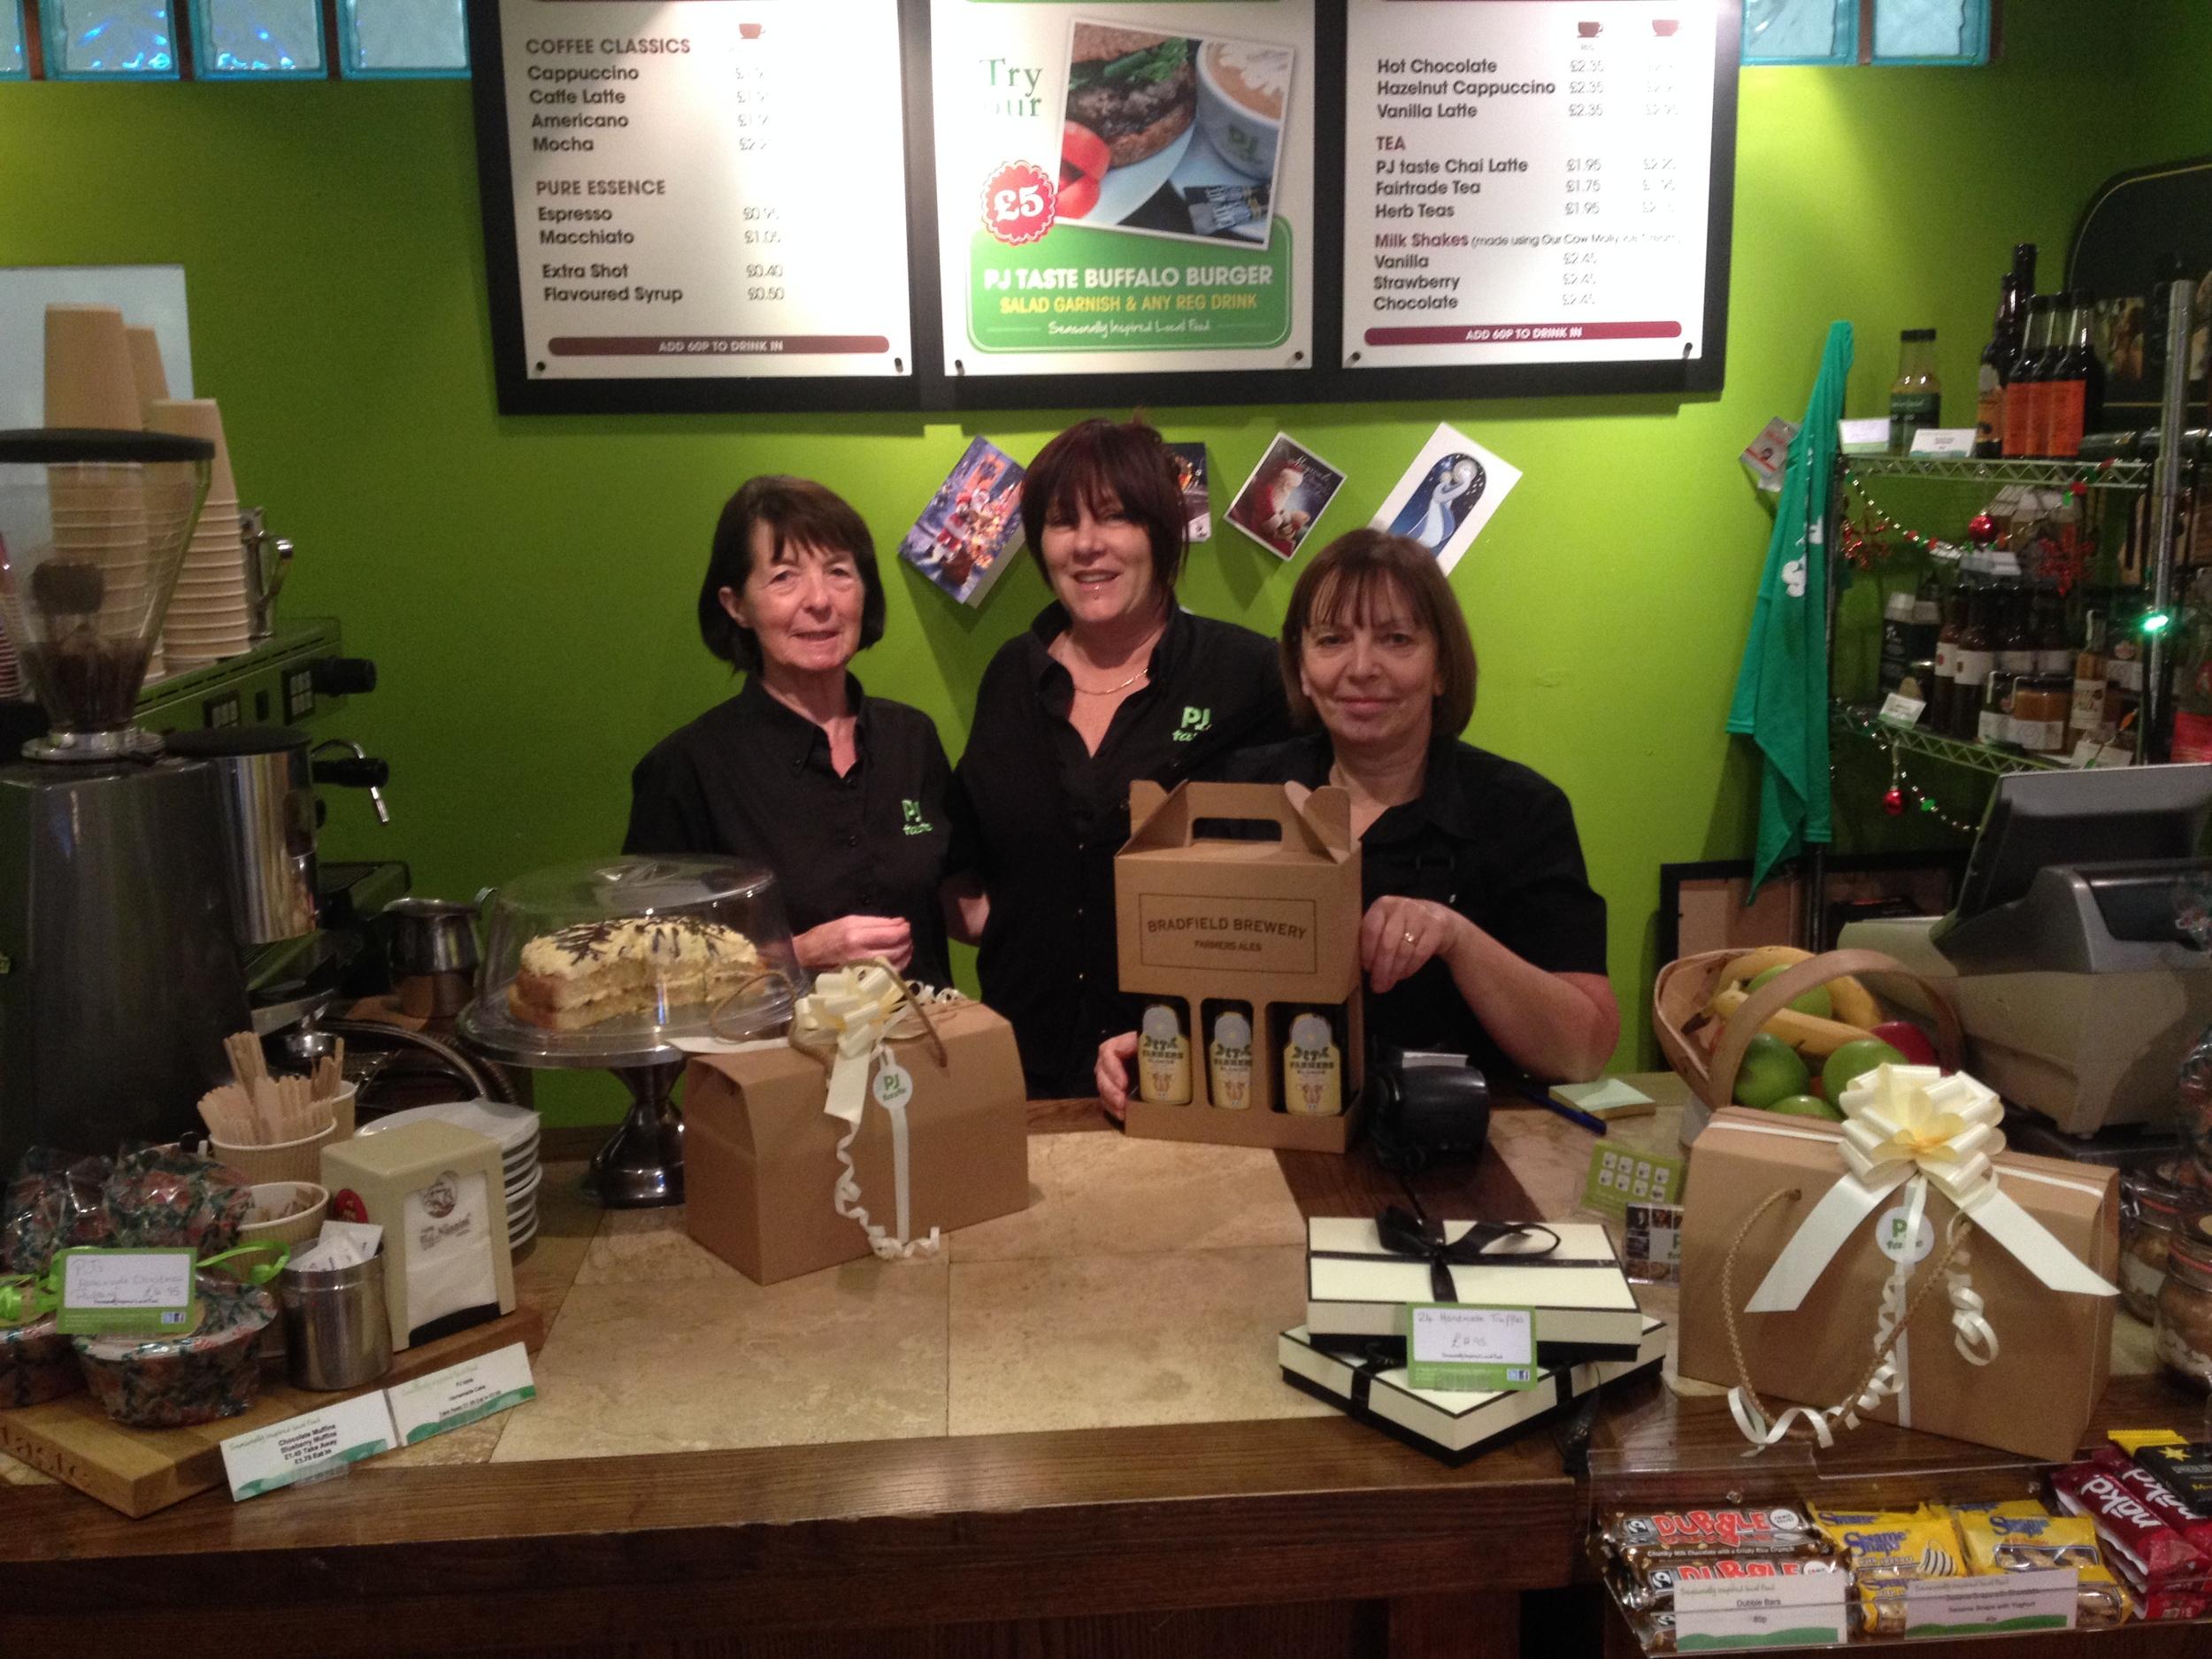 Fran, Pat and Julie at PJ taste